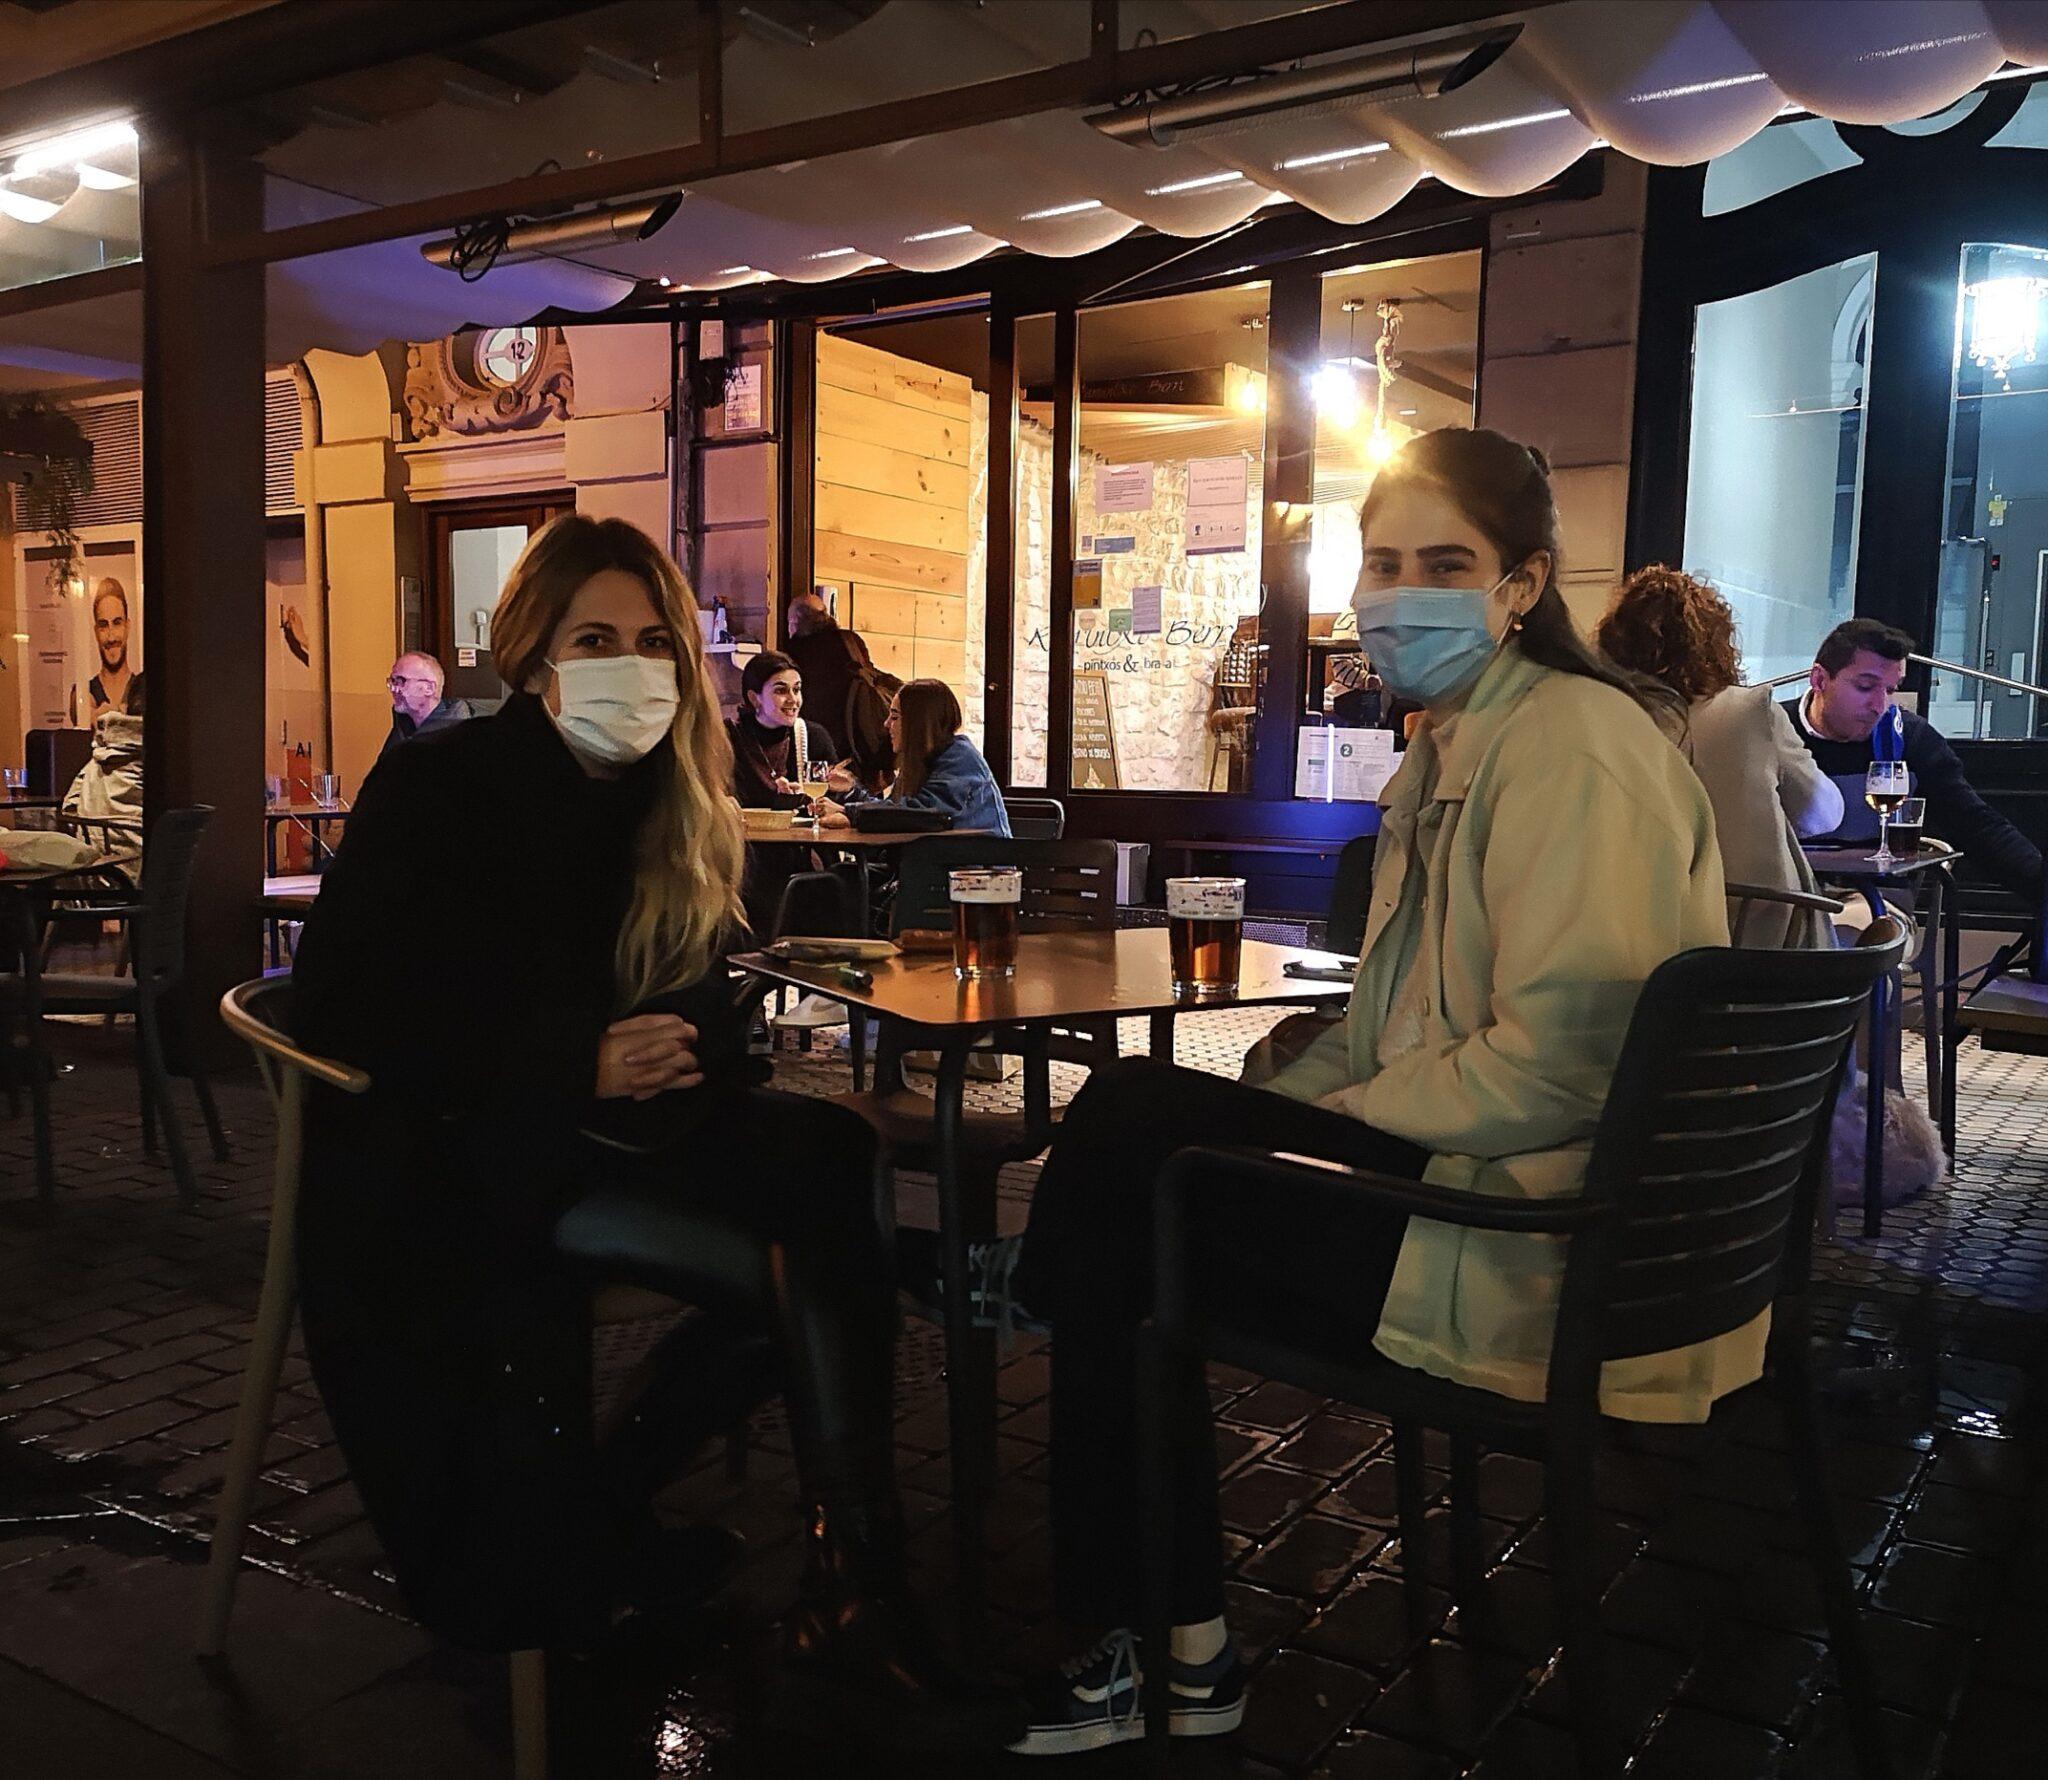 Trago5 scaled - Trago exprés en los bares de Donostia